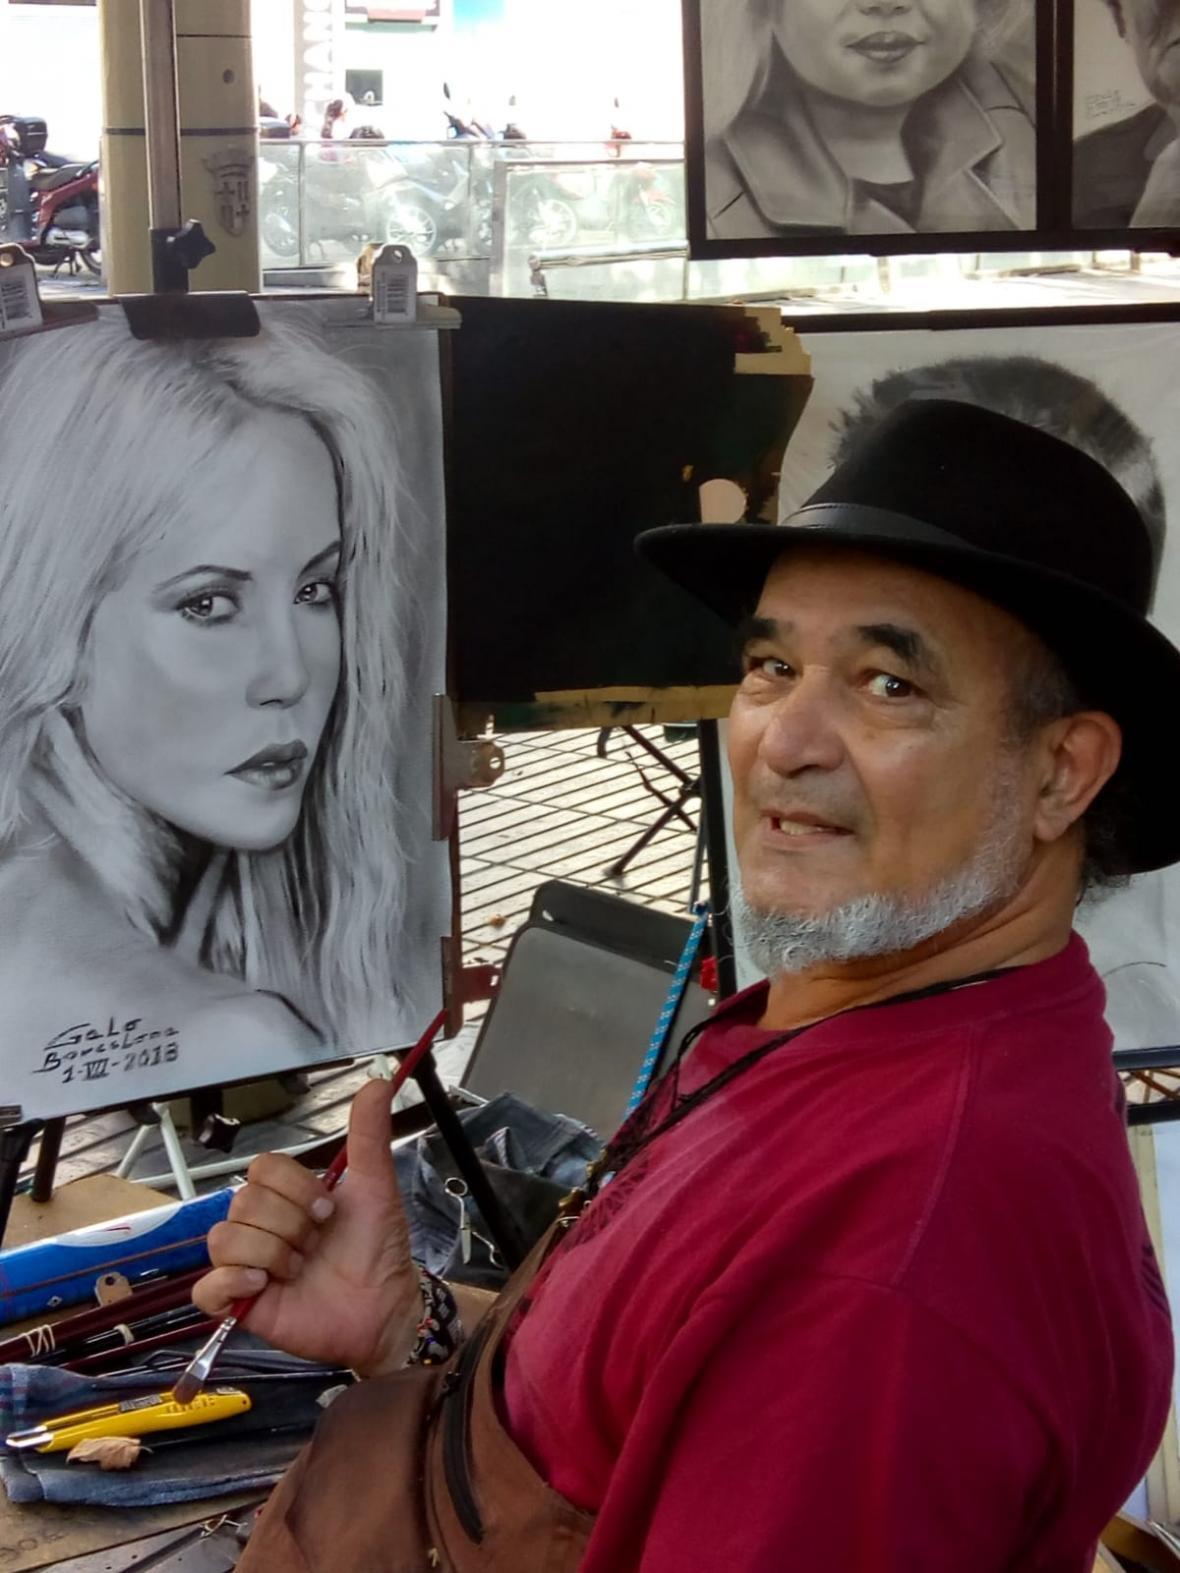 Vega en plena faena artística en Las Ramblas, en Barcelona.